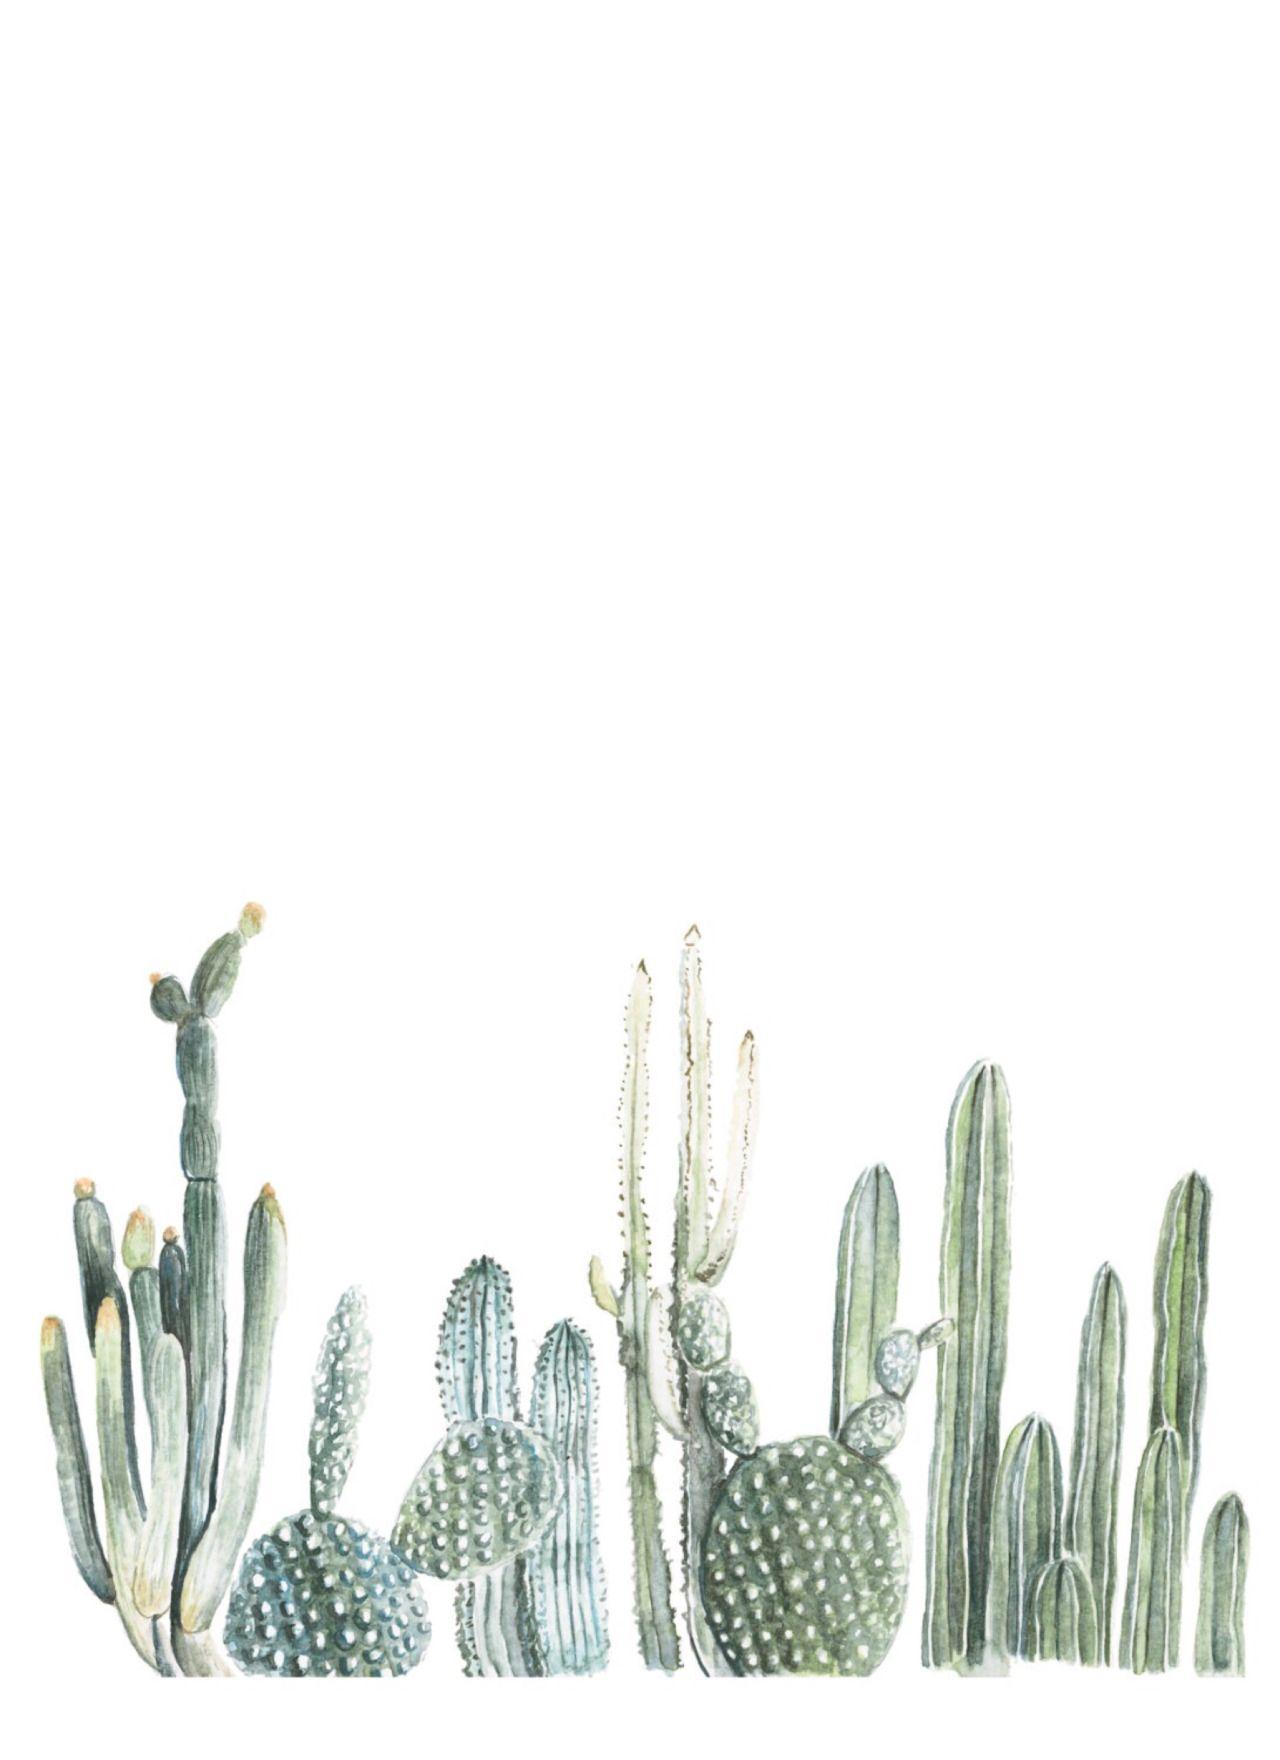 cactus cacti Cactus art, Cactus painting, Southwestern